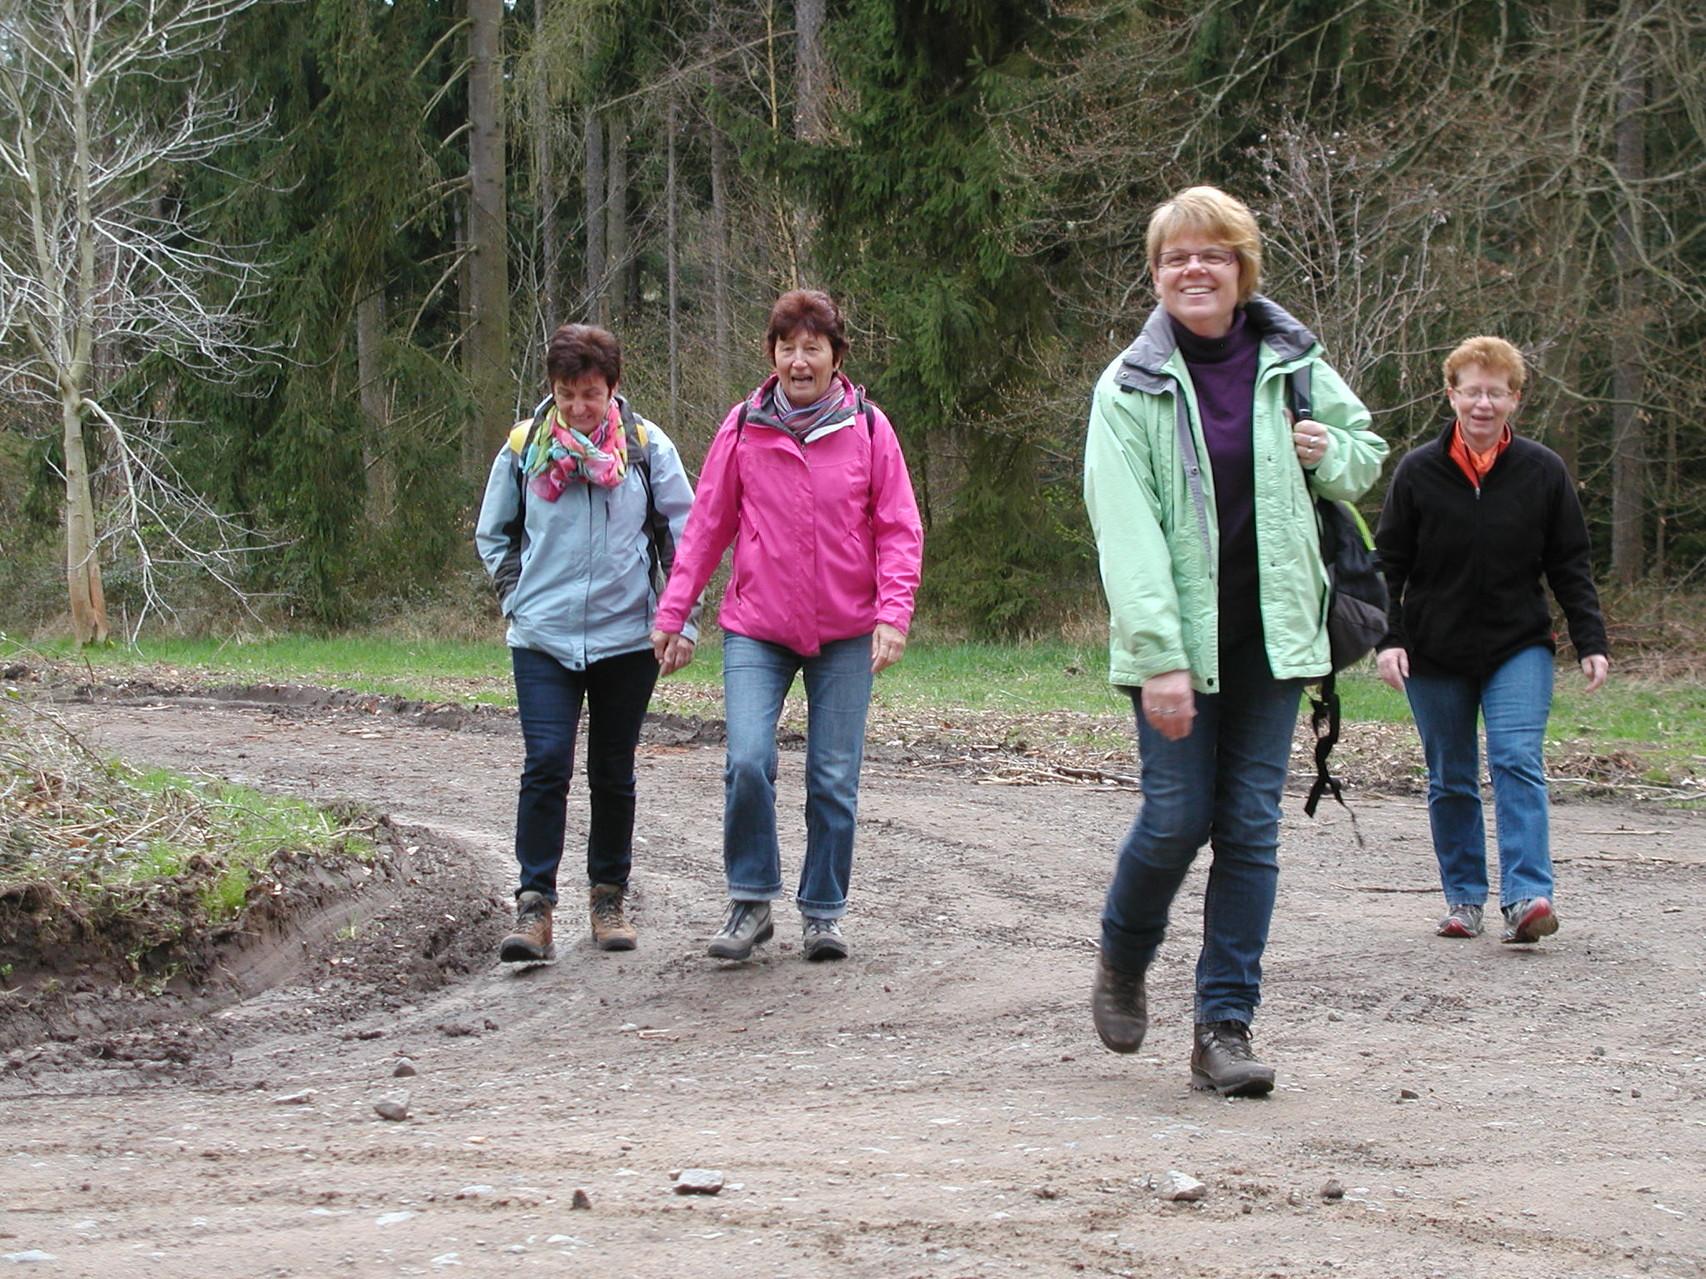 Wanderung zum Sophienhof Raibreitenbach am 23.03.14